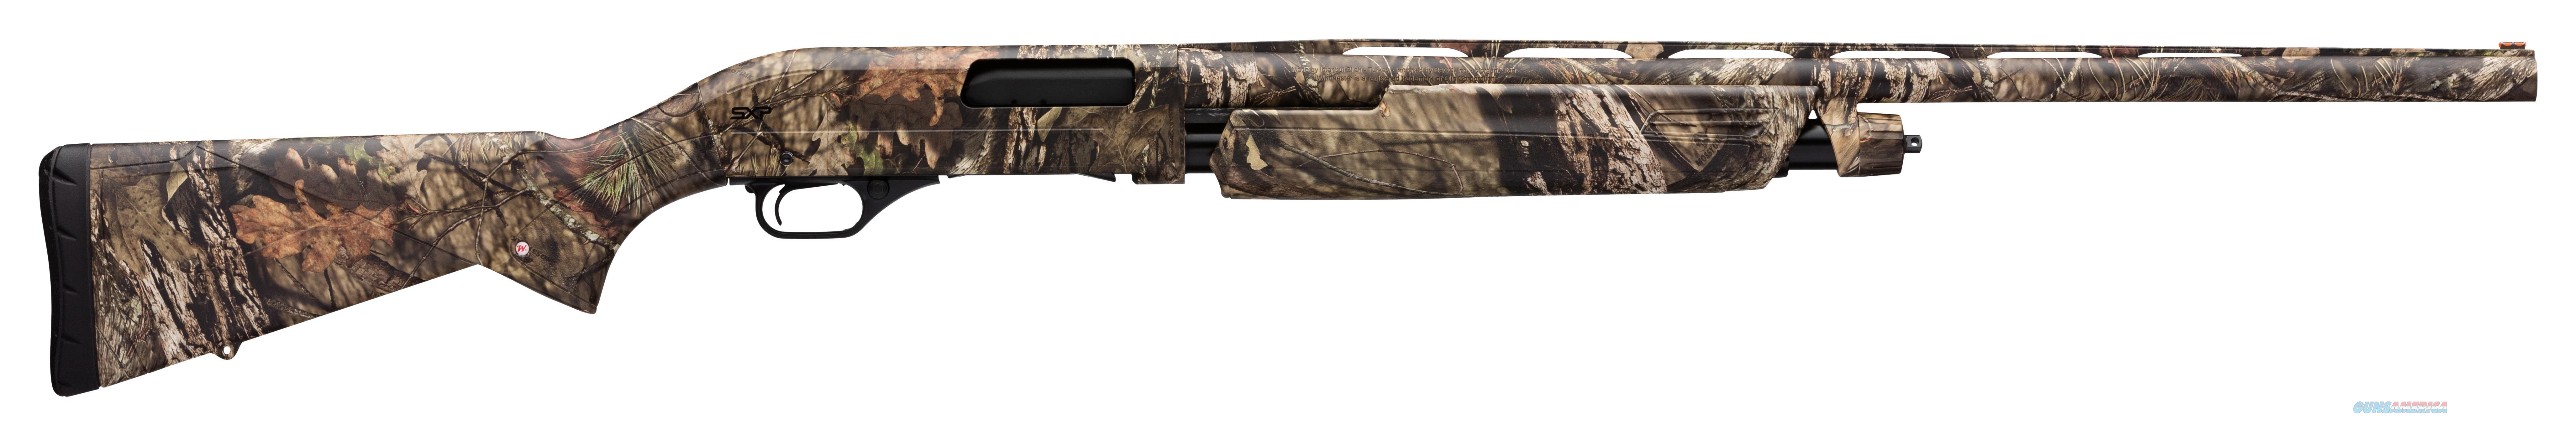 """Winchester Guns 512321692 Sxp Pump 20 Gauge 28"""" 3"""" Mossy Oak Break-Up Country Synthetic Stk Mobuc Rcvr 512321692  Guns > Shotguns > W Misc Shotguns"""